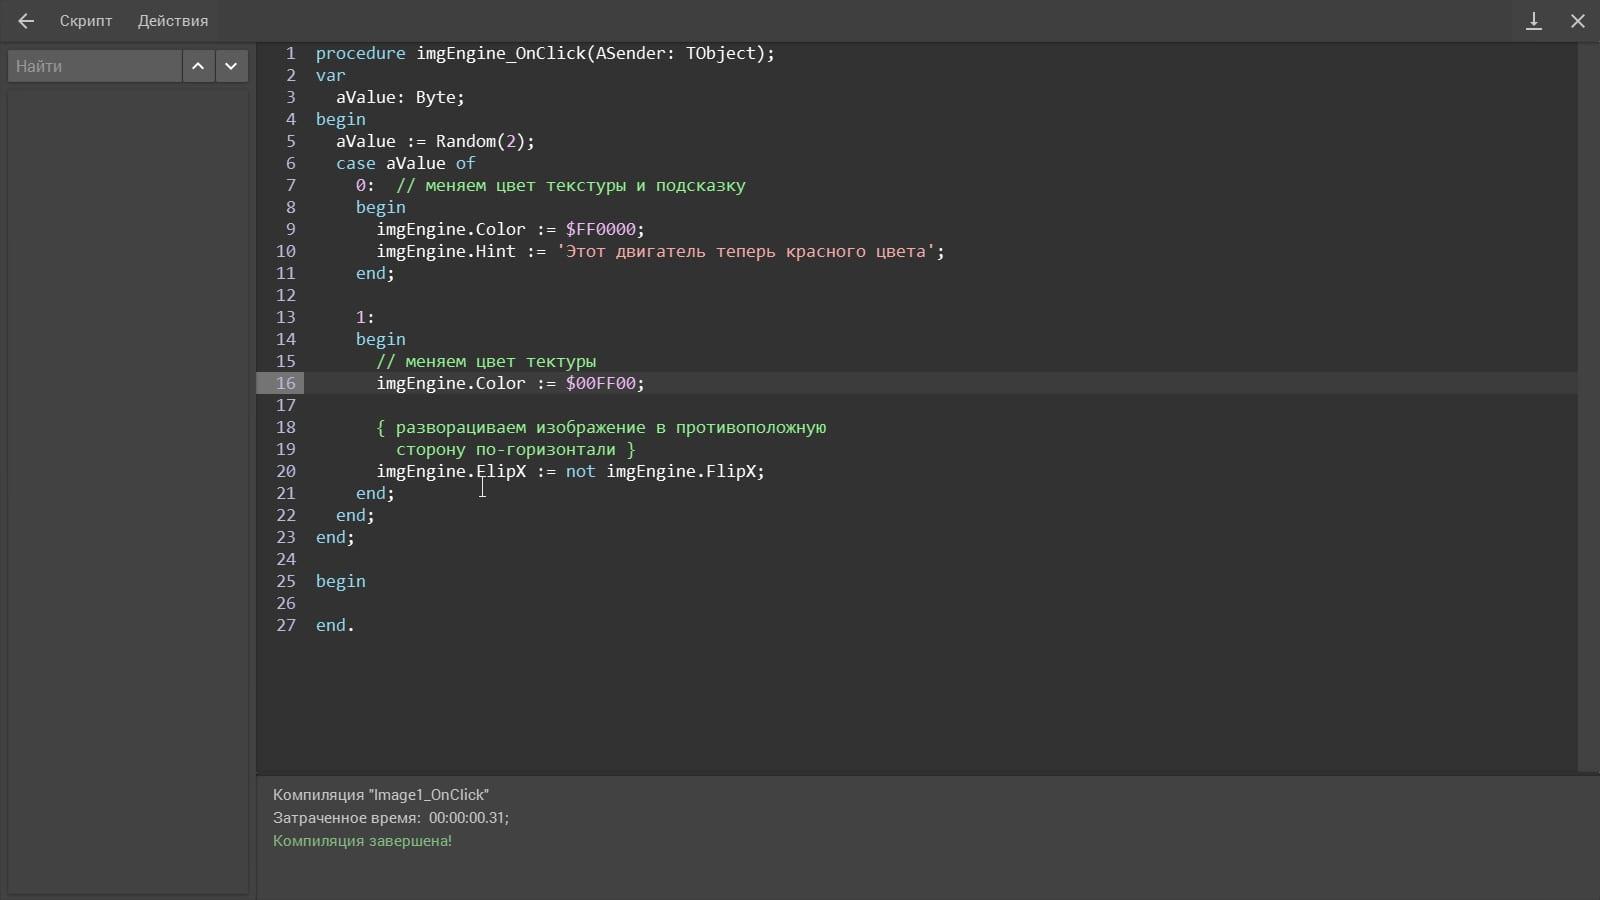 Cкрипты за деньги - Где зарабатывать начинающему программисту на написании скриптов и кода